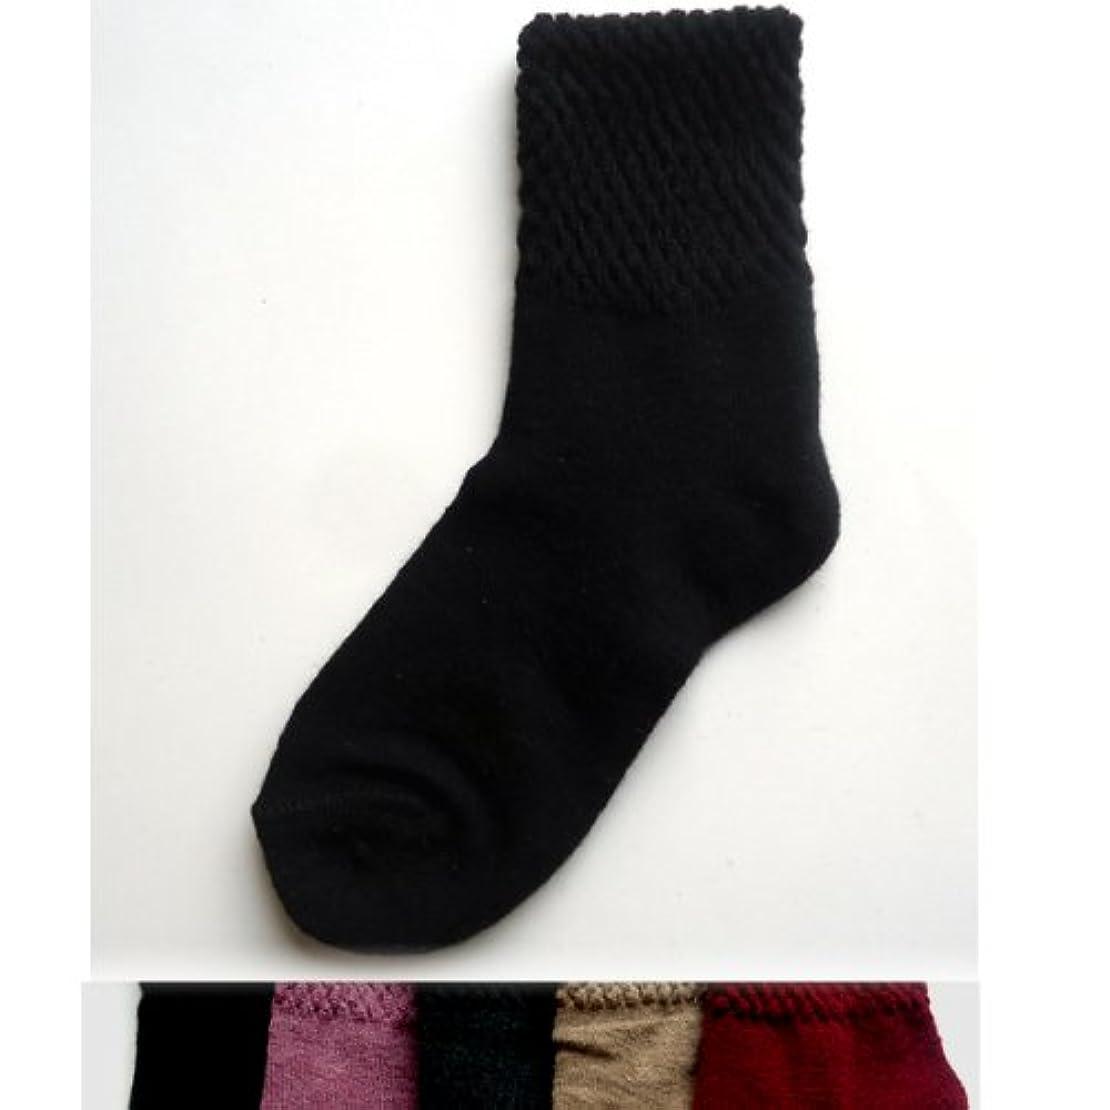 サイレンり不道徳靴下 あったか シルク混 二重編みパイナップルソックス 厚手 22~24cm お買得4足組(色はお任せ)